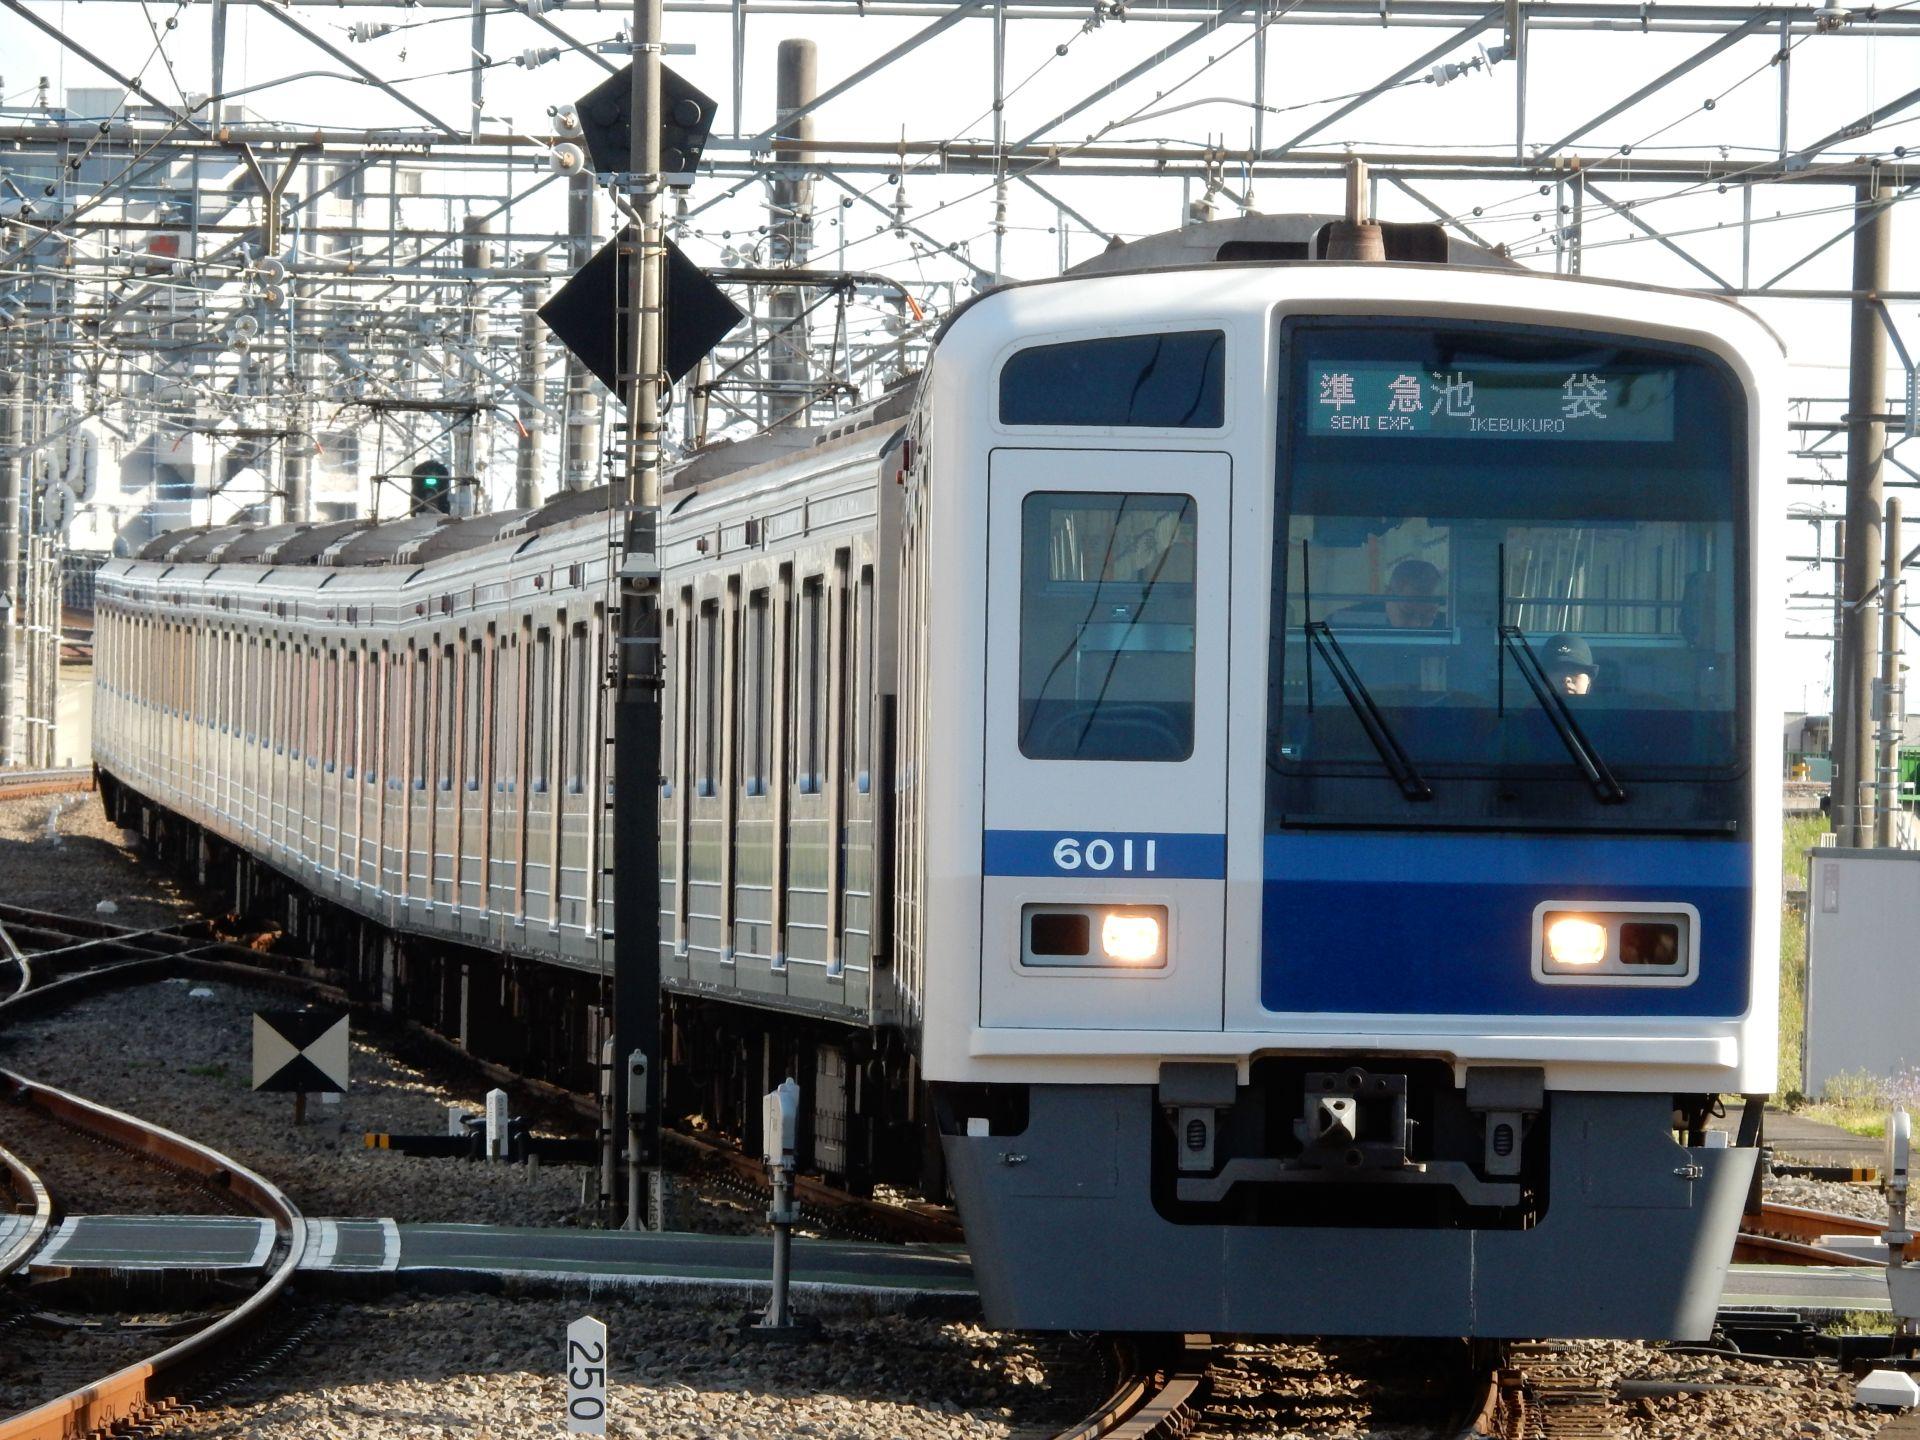 DSCN7800 - コピー